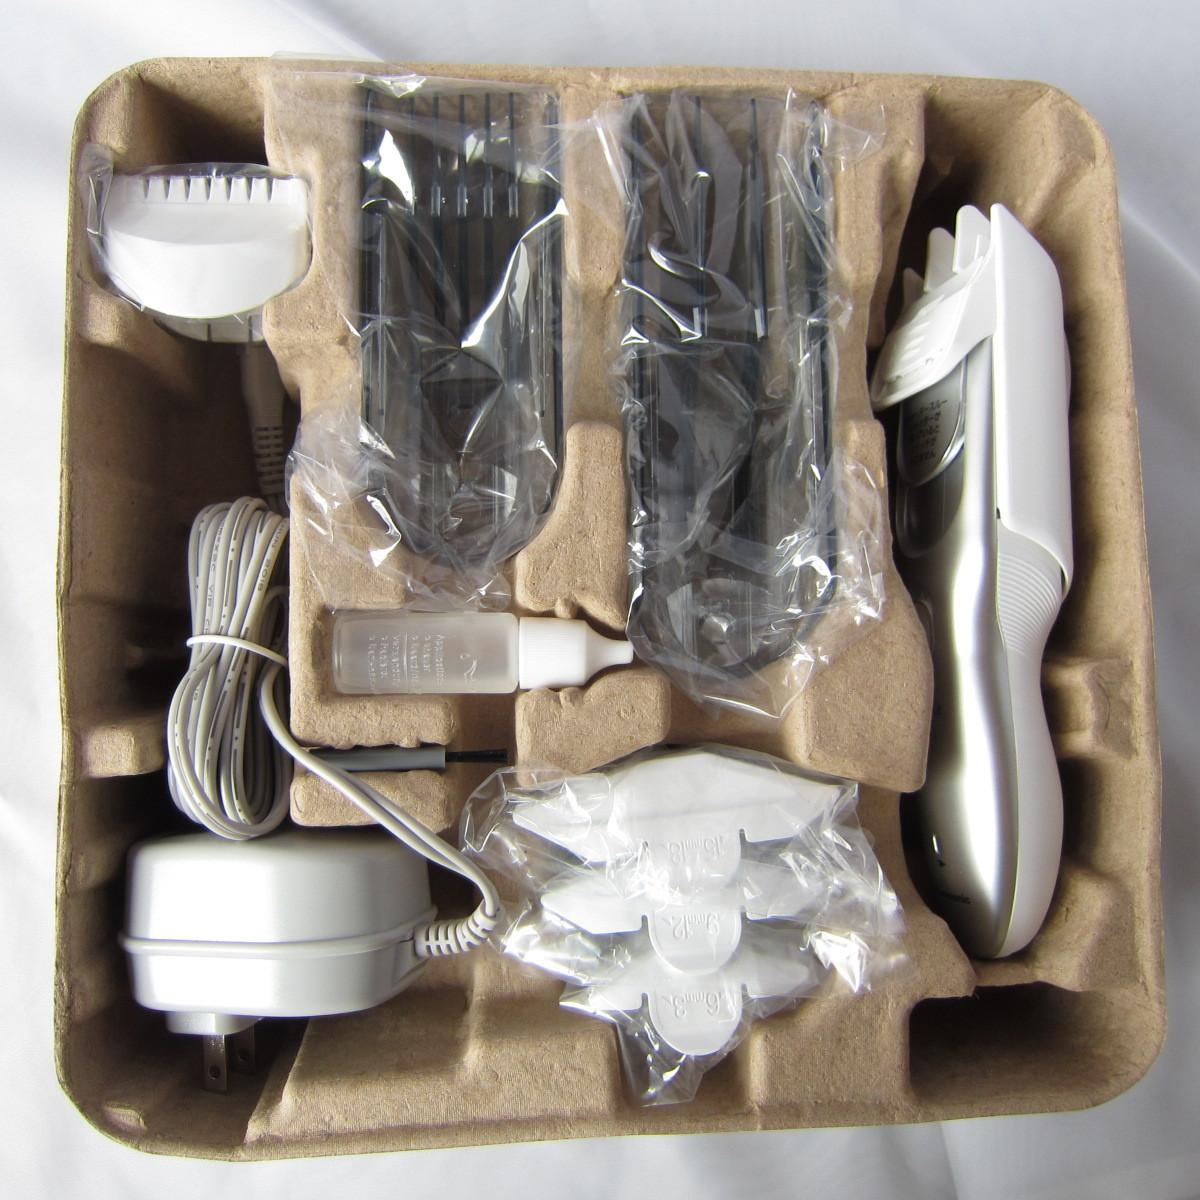 パナソニック カットモード ER-GF80 水洗い可 シルバー調_画像3